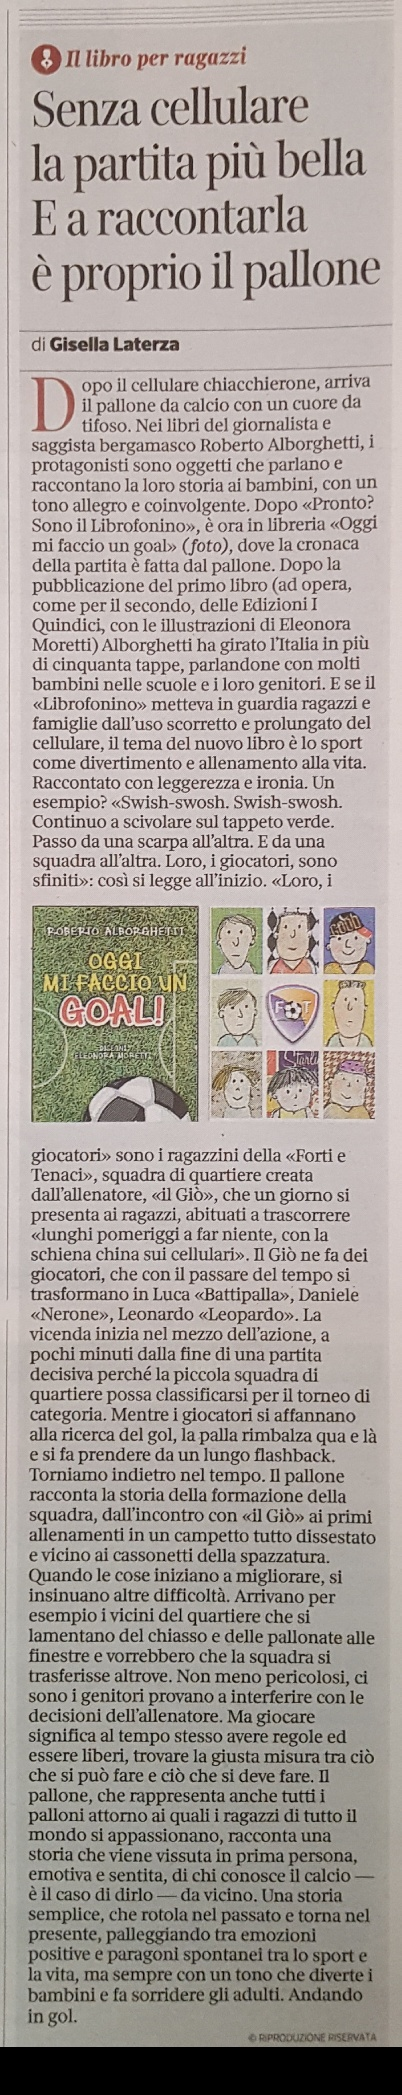 Corriere della Sera 5 12 17 d